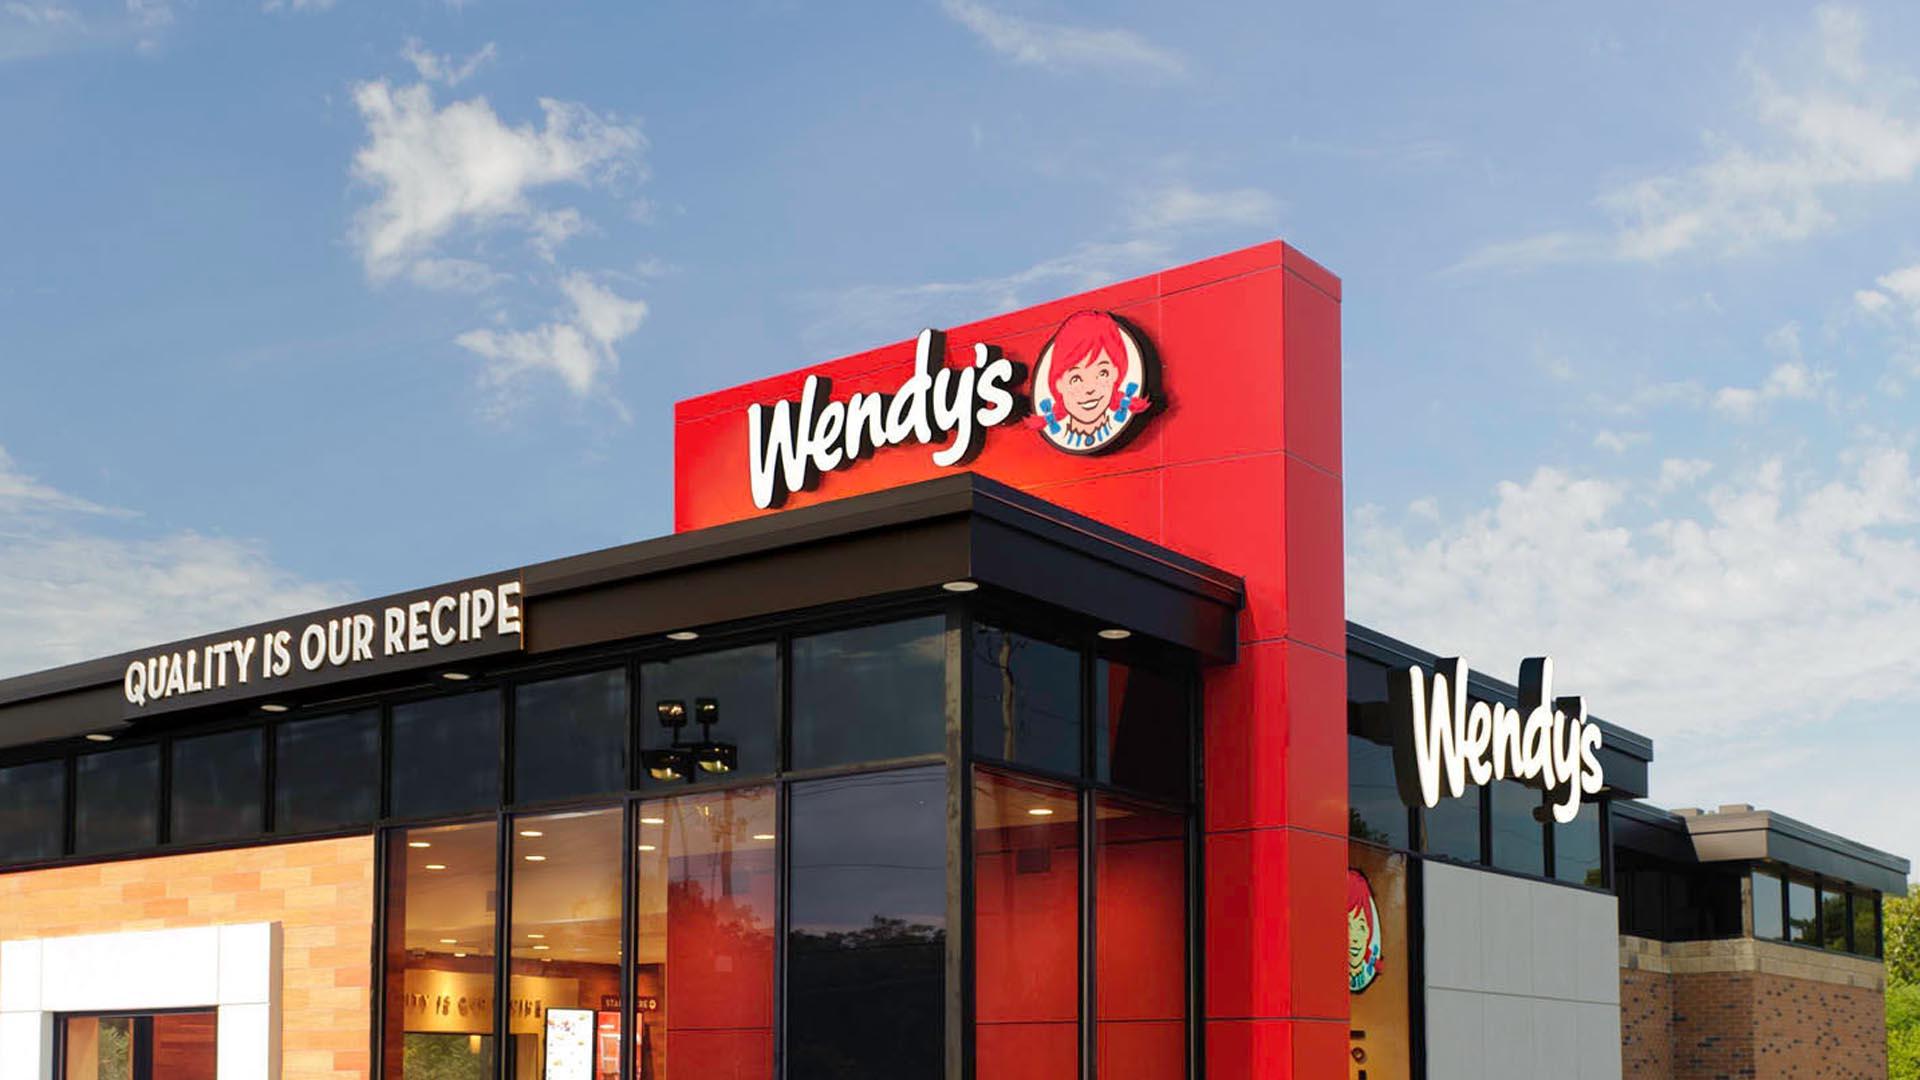 La cadena de comida rápida reducirá su personal para ahorrar costos